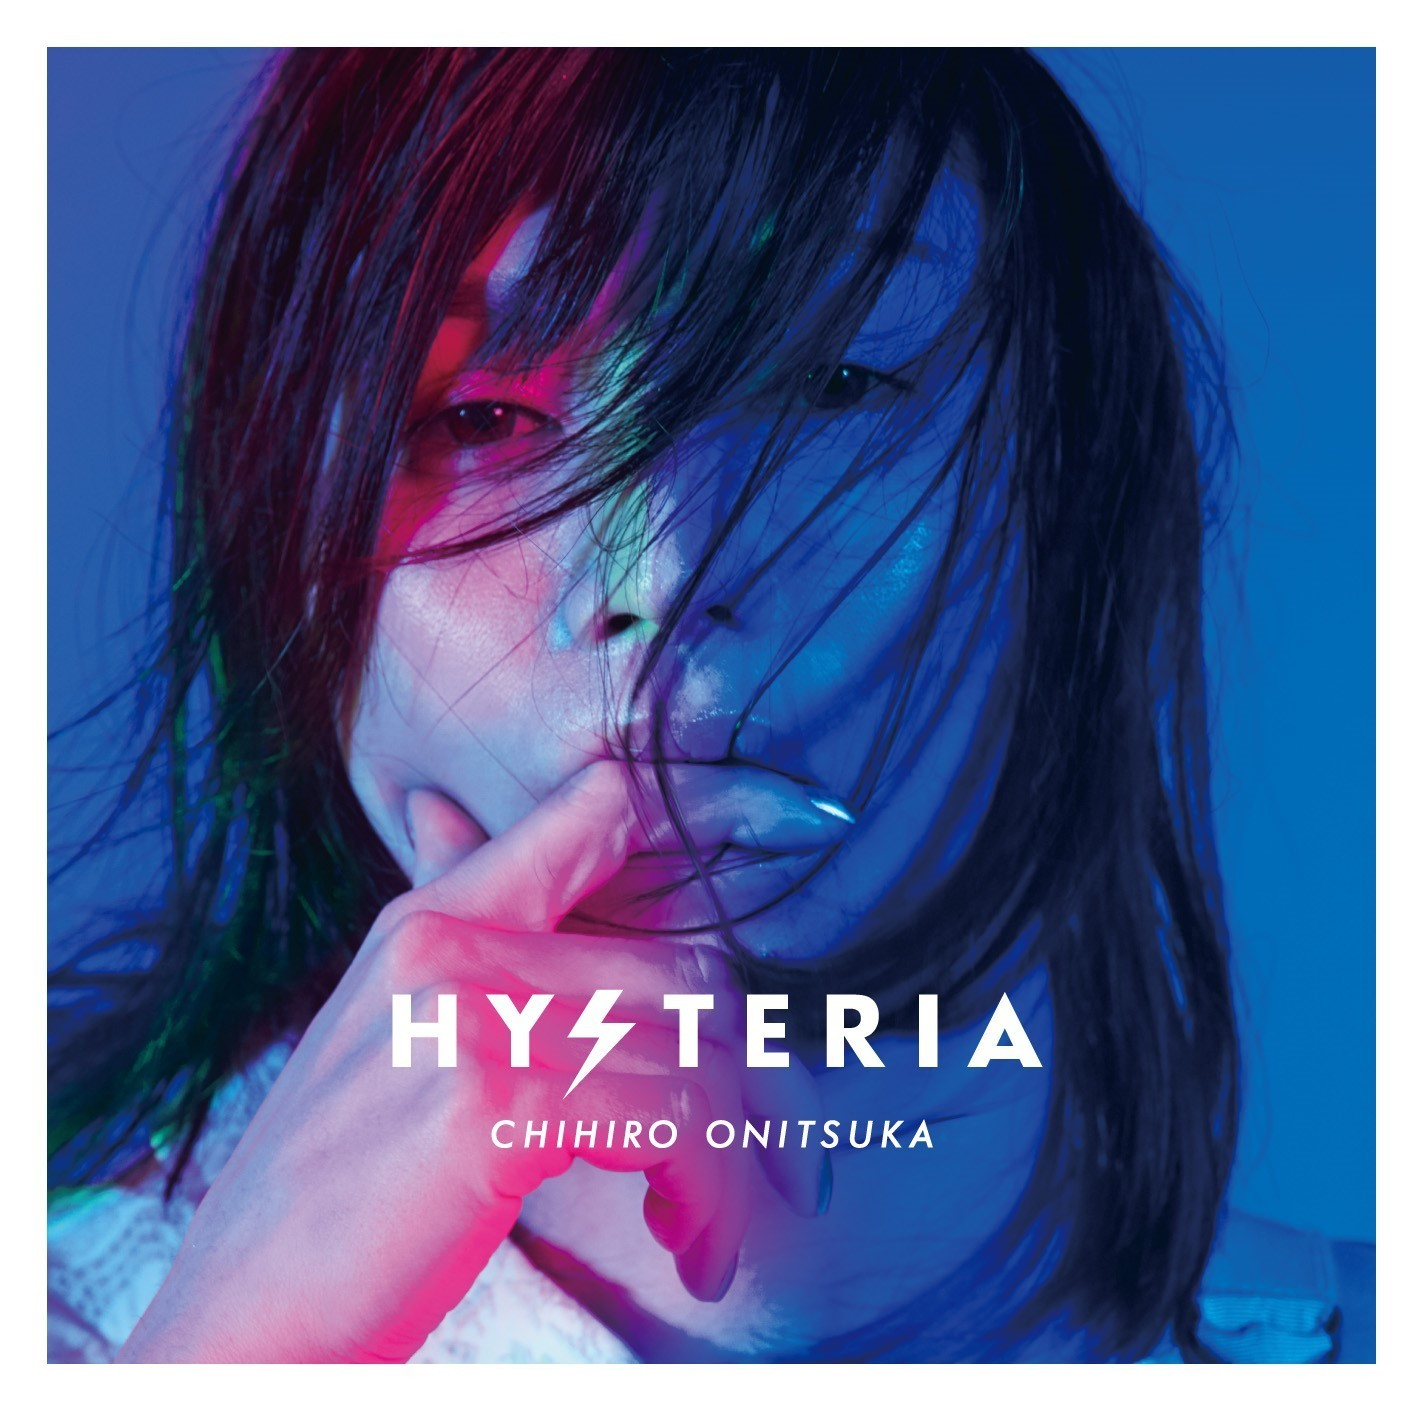 Hysteria_syokai_jphoto